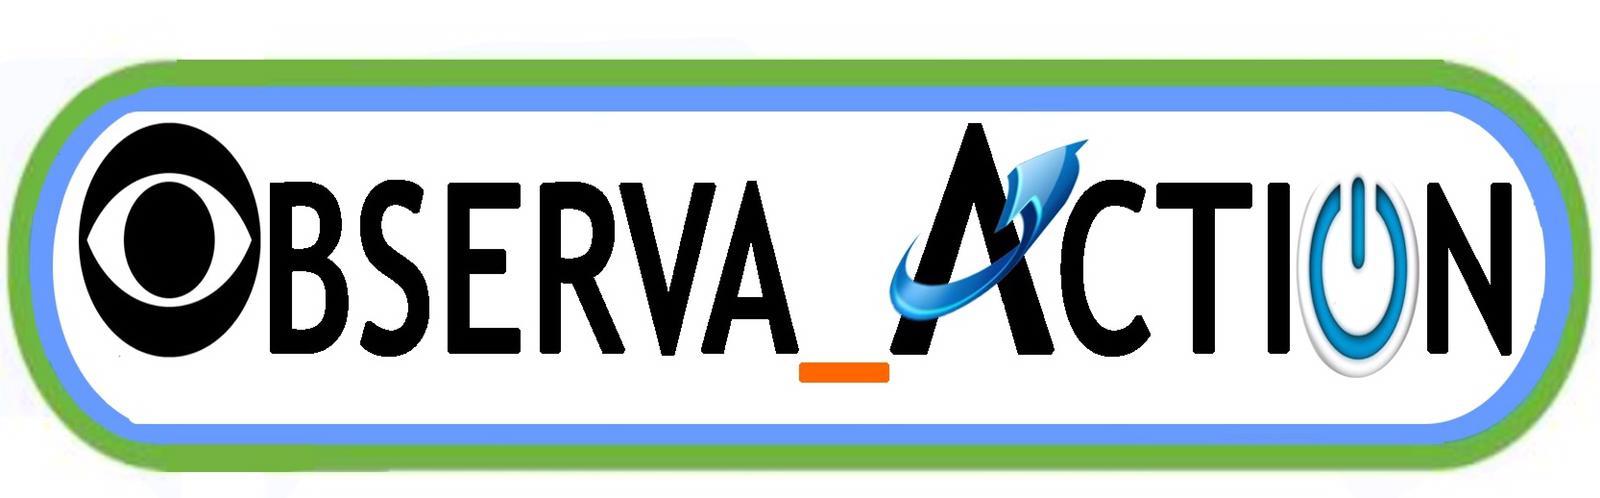 Logo Observa_Action